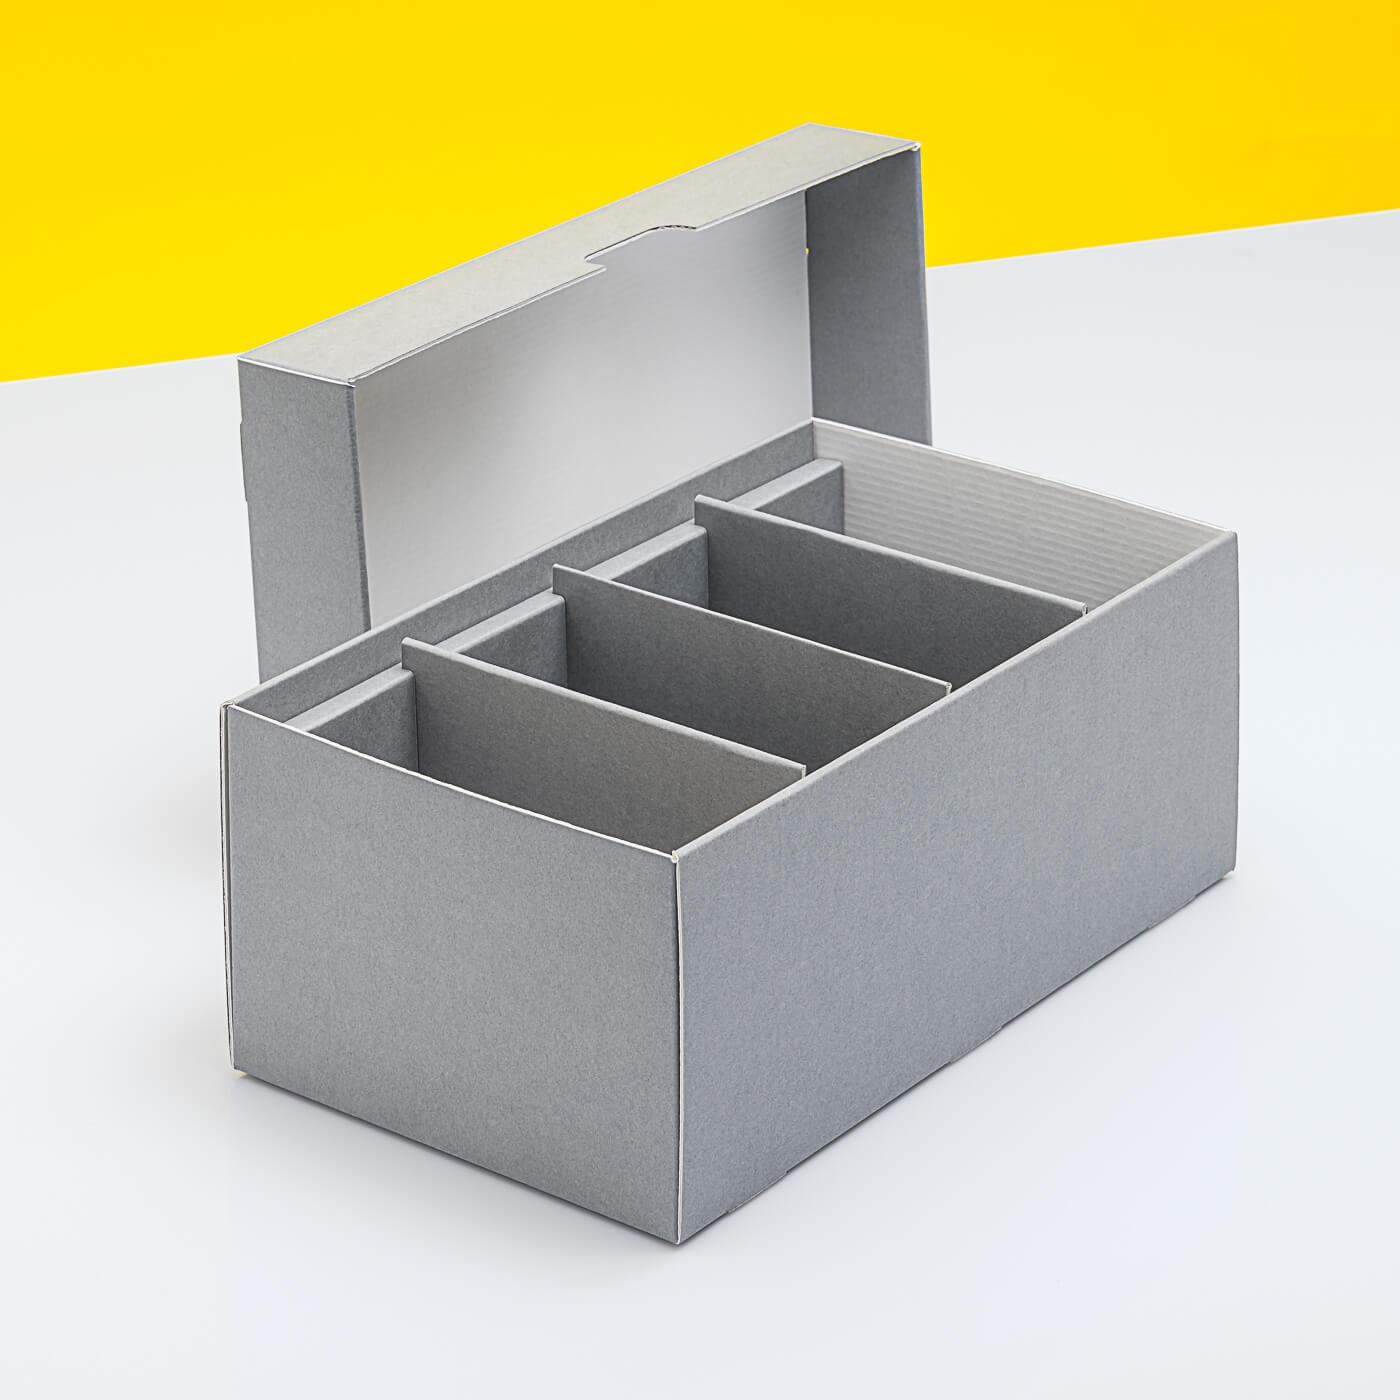 Fotobox mit drei festen Stegen und verkürztem Deckel